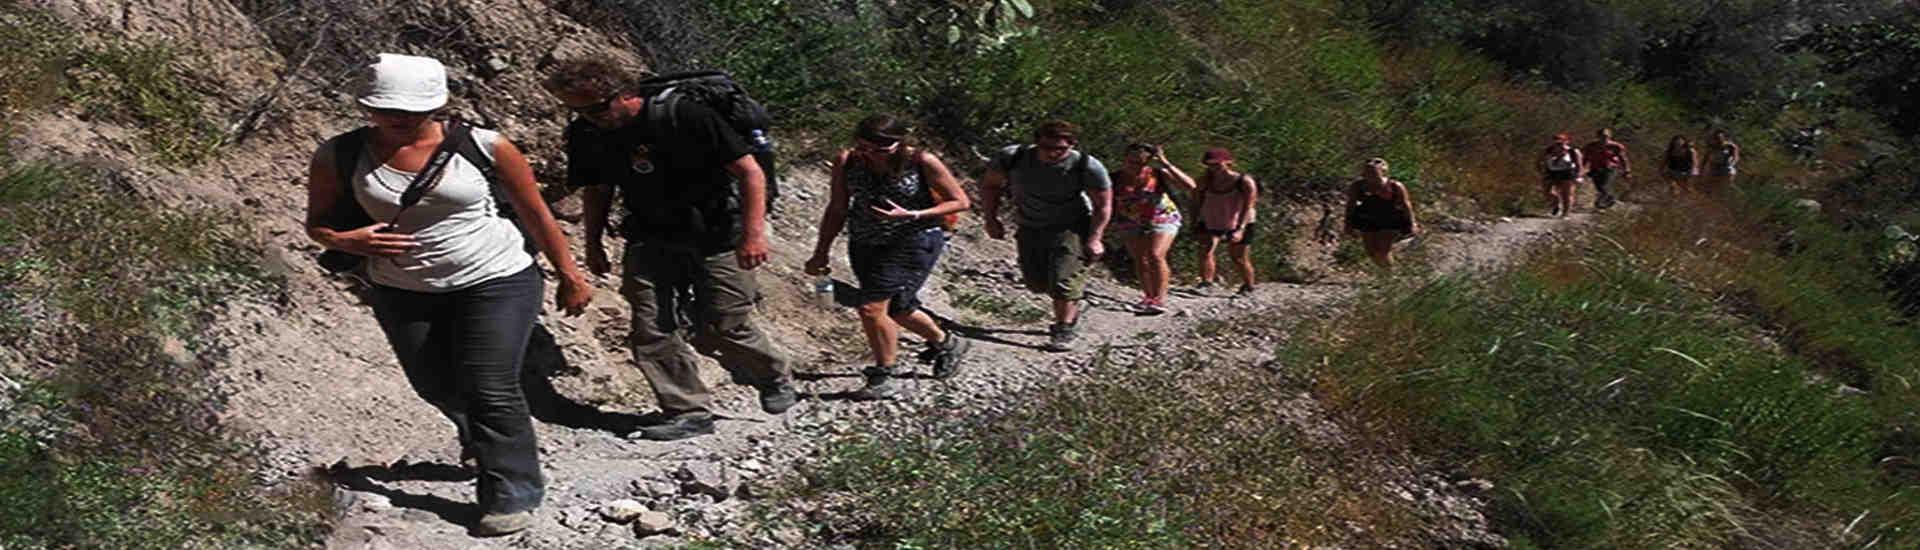 trek cañon del colca arequipa toursperumachupicchu.com agencia de viajes en peru